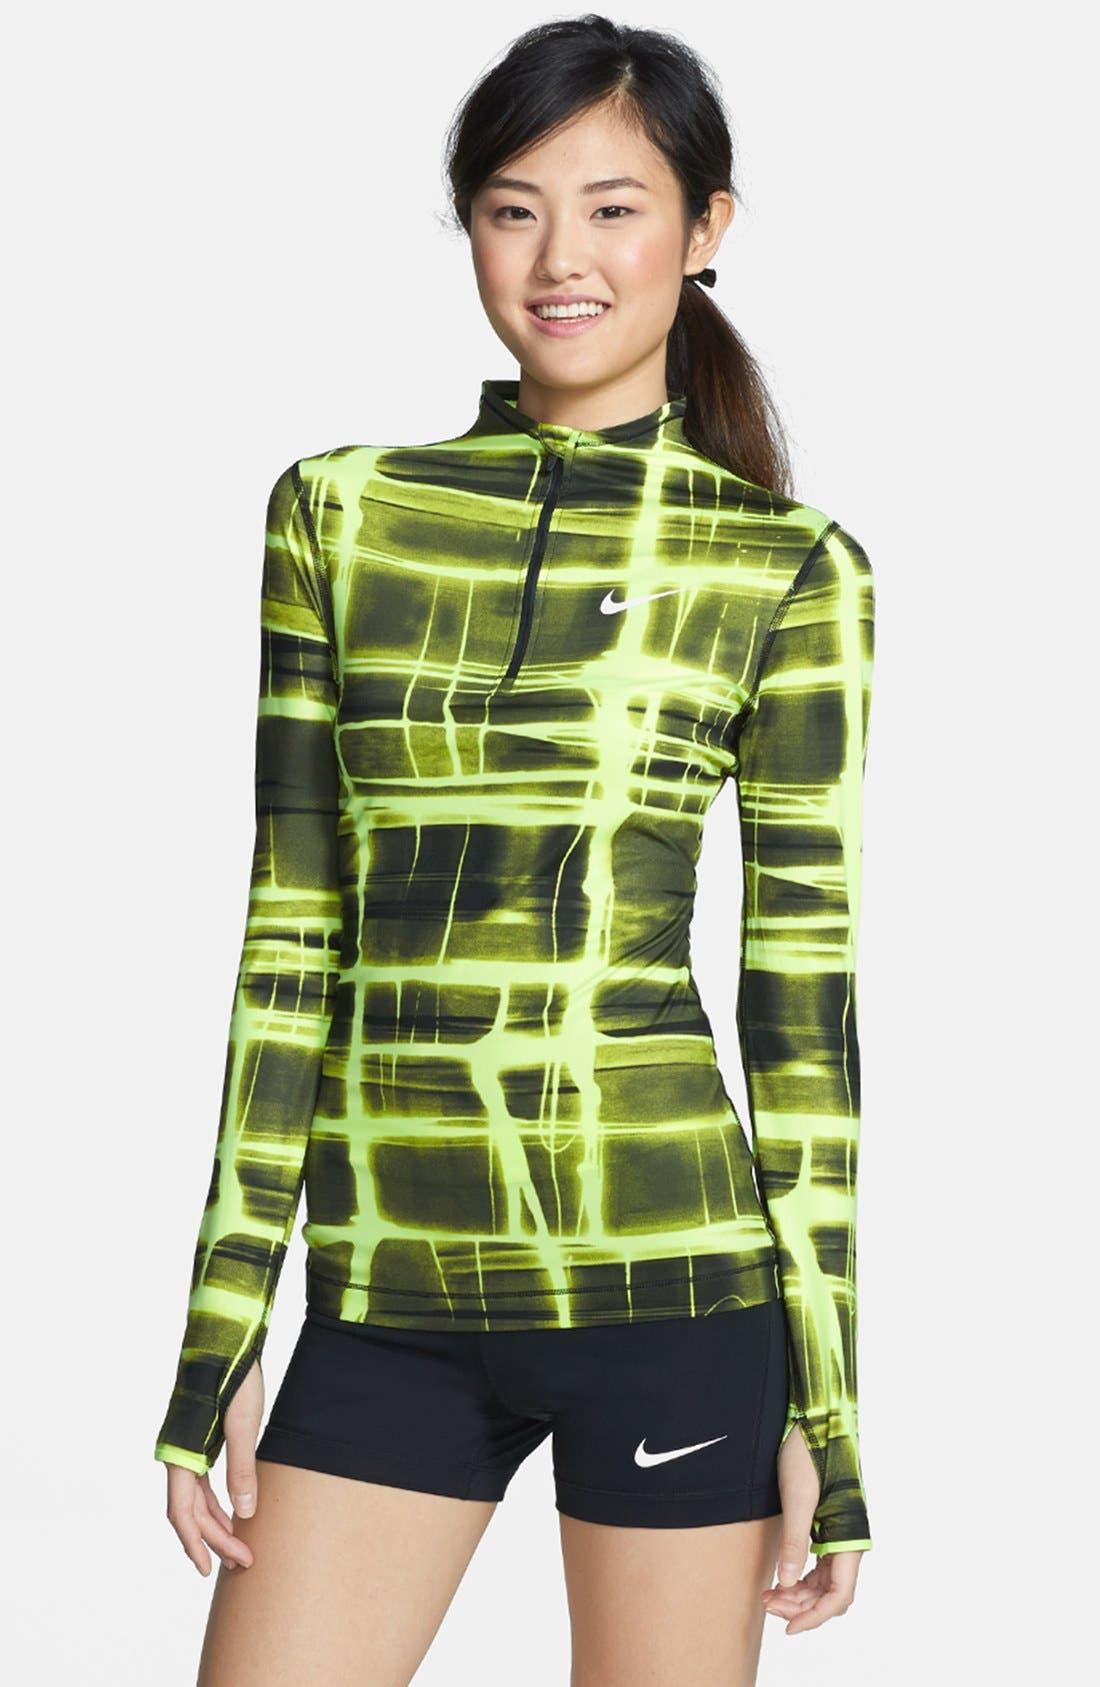 Alternate Image 1 Selected - Nike 'Pro' Dri-FIT Printed Half Zip Top